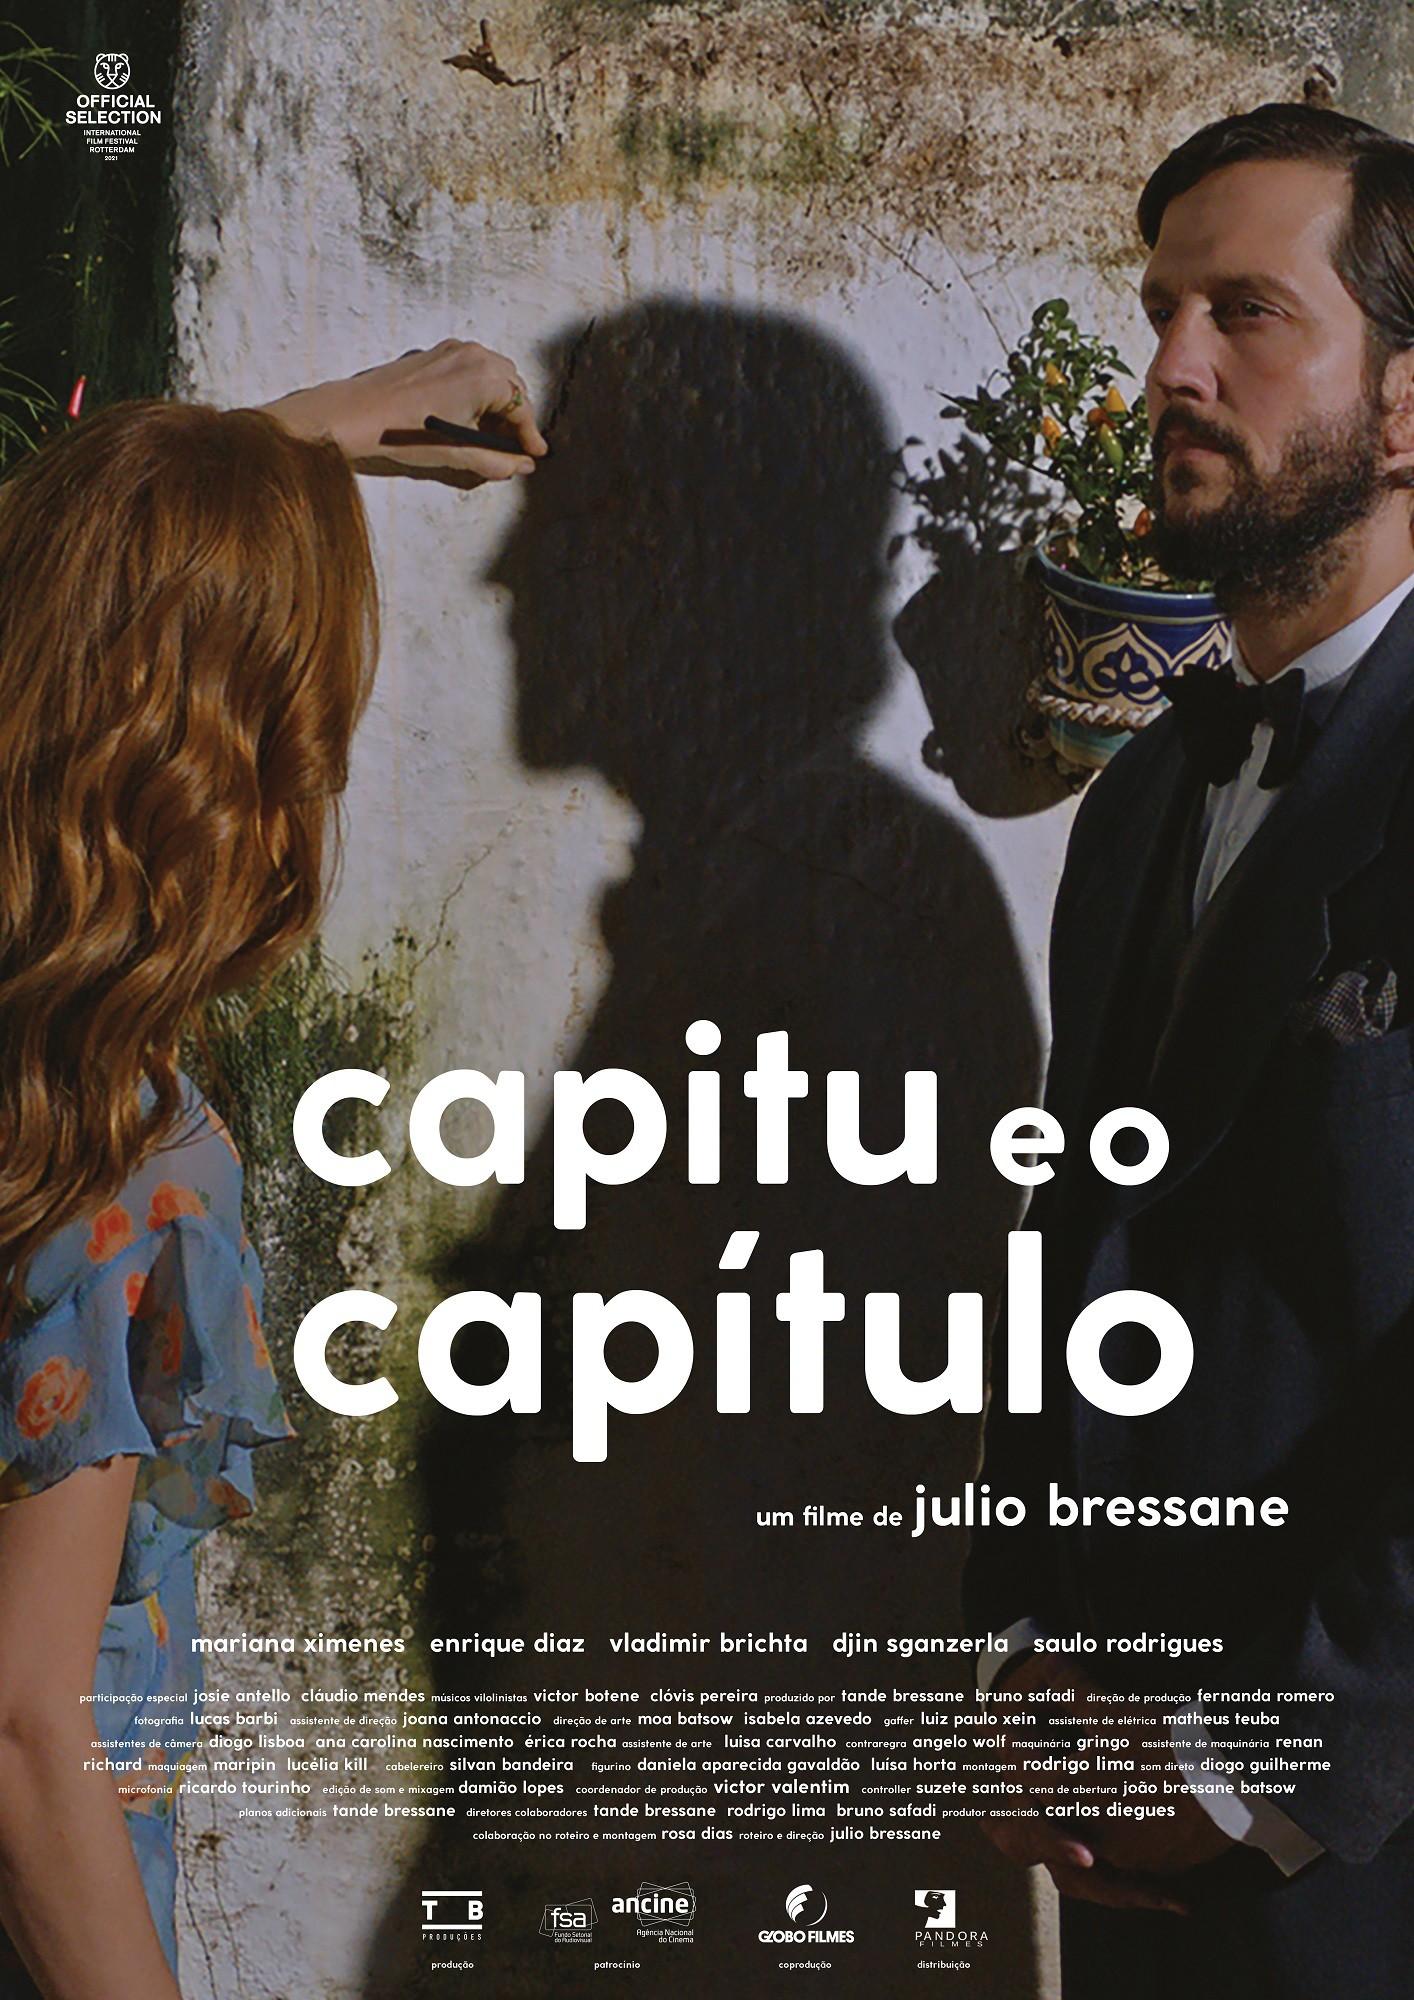 Download Filme Capitu e o Capítulo Qualidade Hd